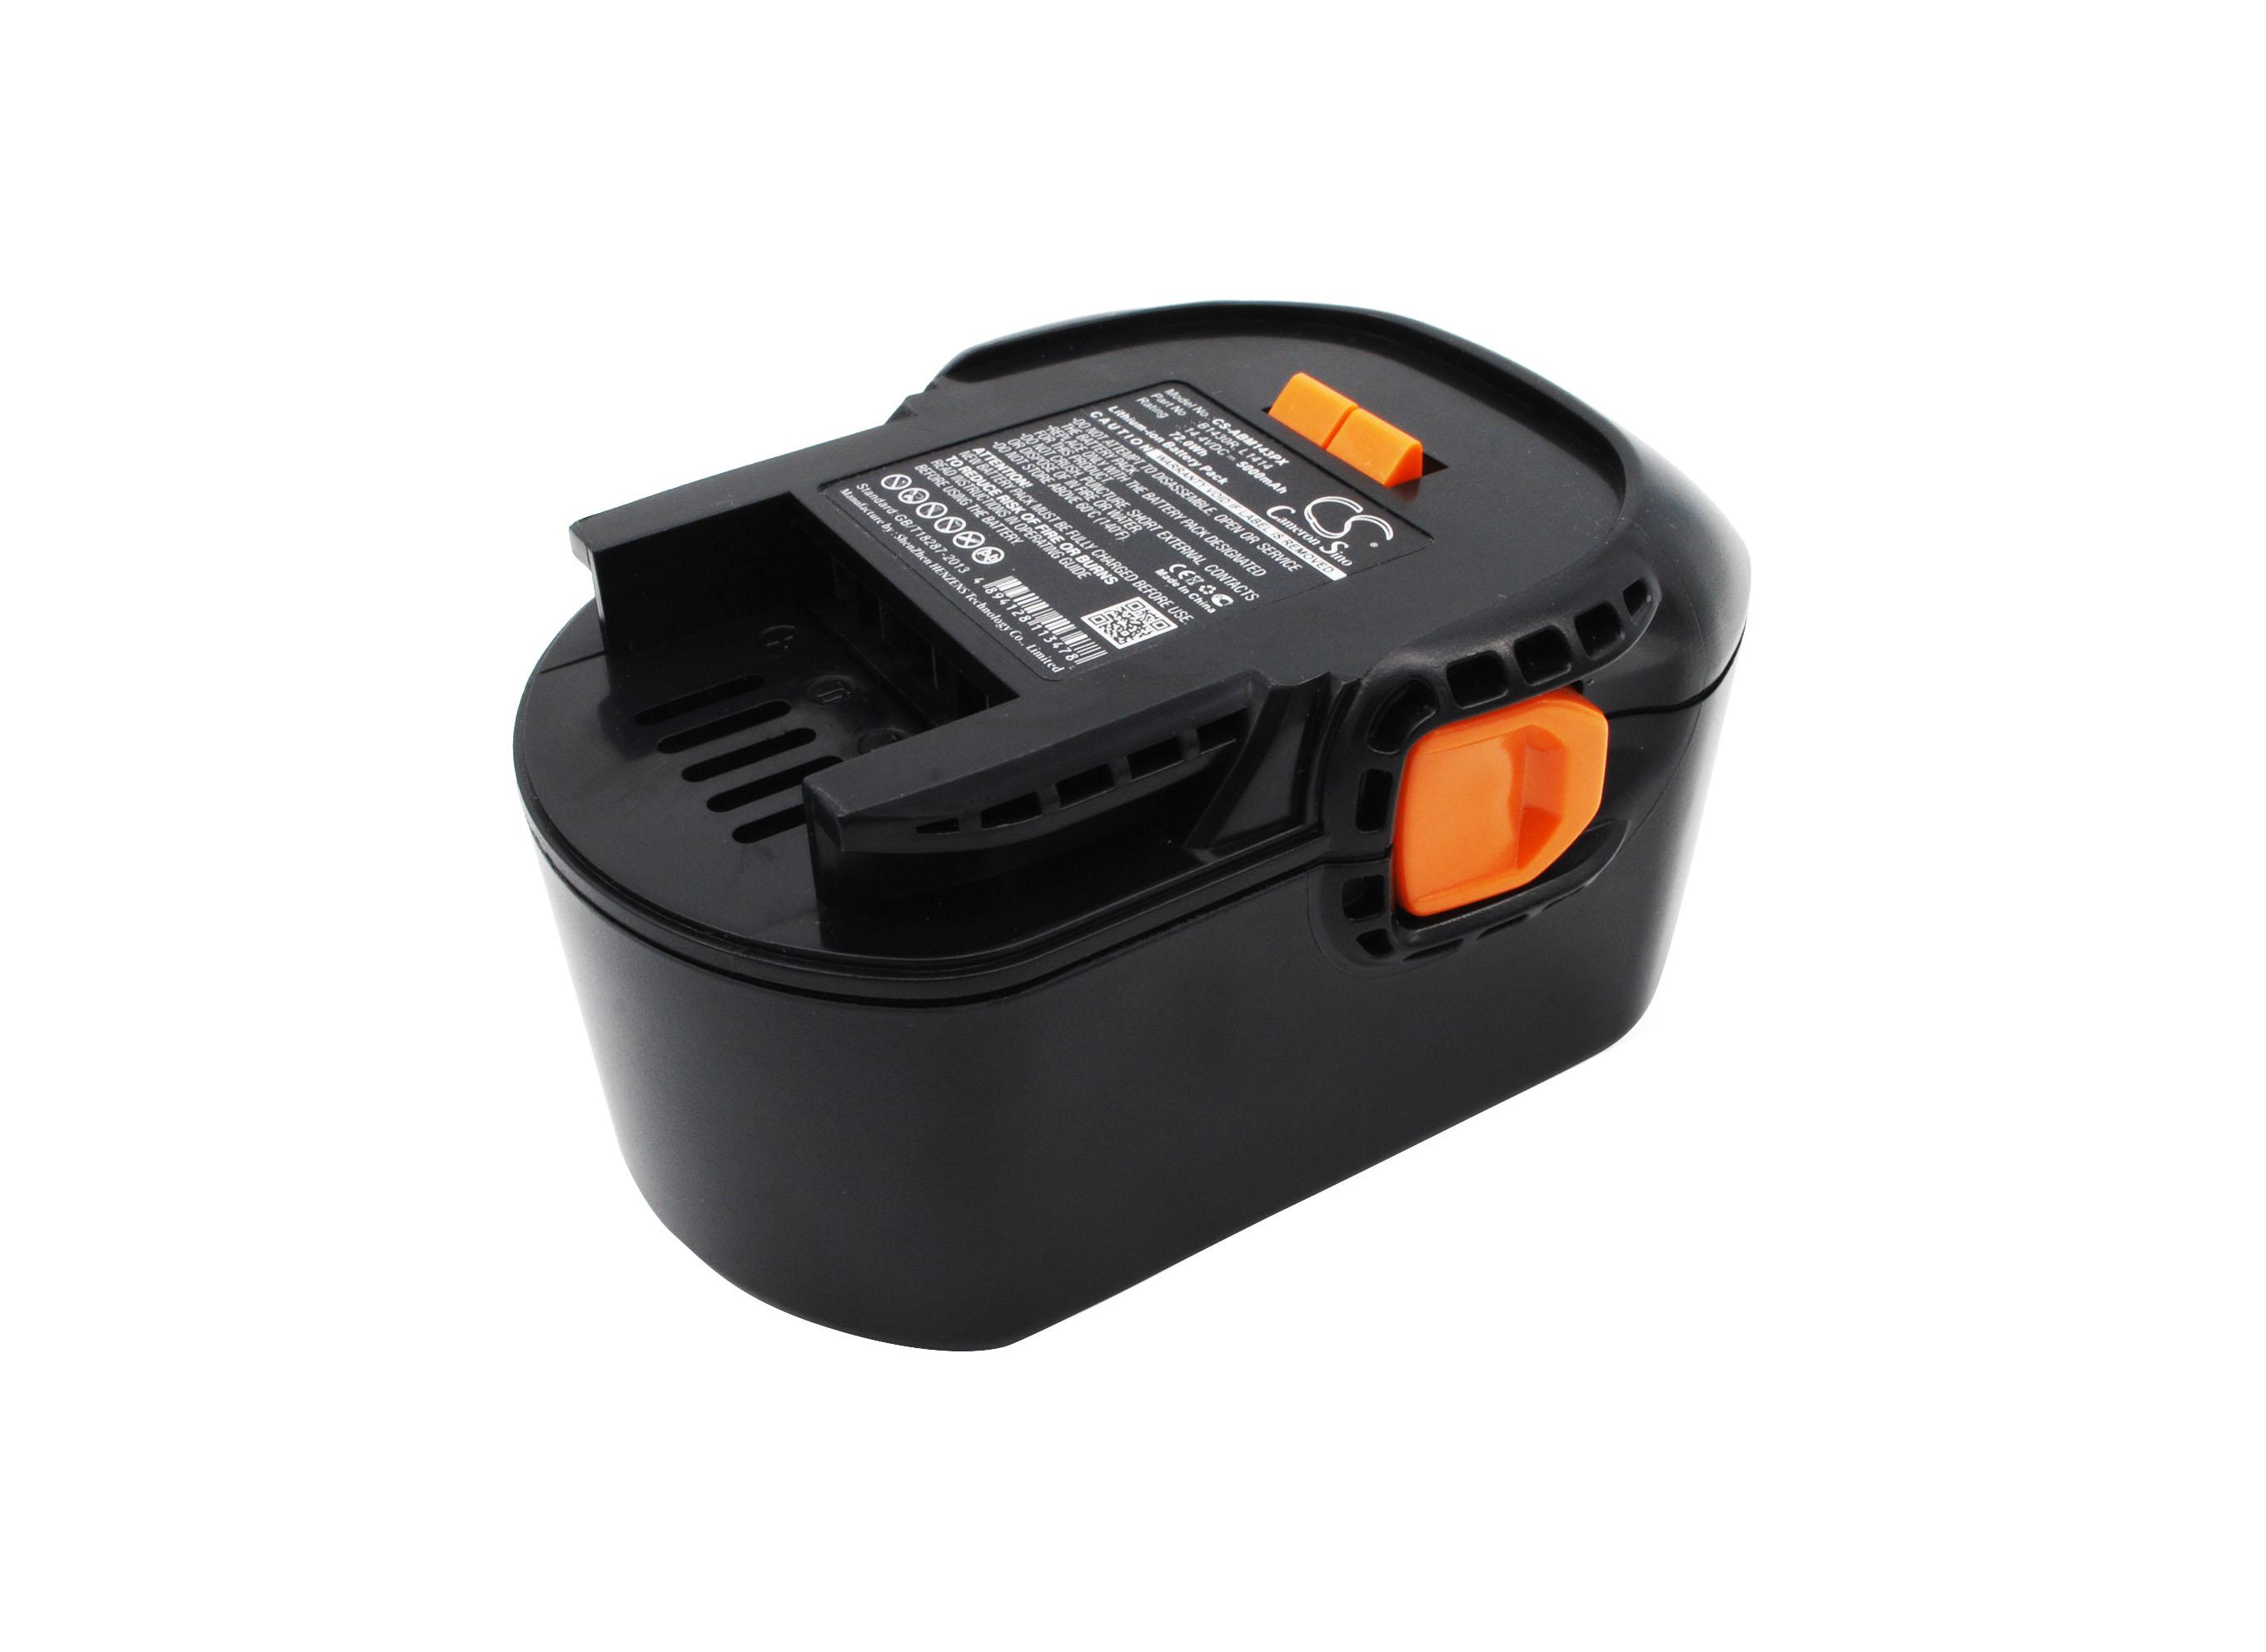 Cameron Sino baterie do nářadí pro AEG BS 14 X 14.4V Li-ion 5000mAh černá - neoriginální